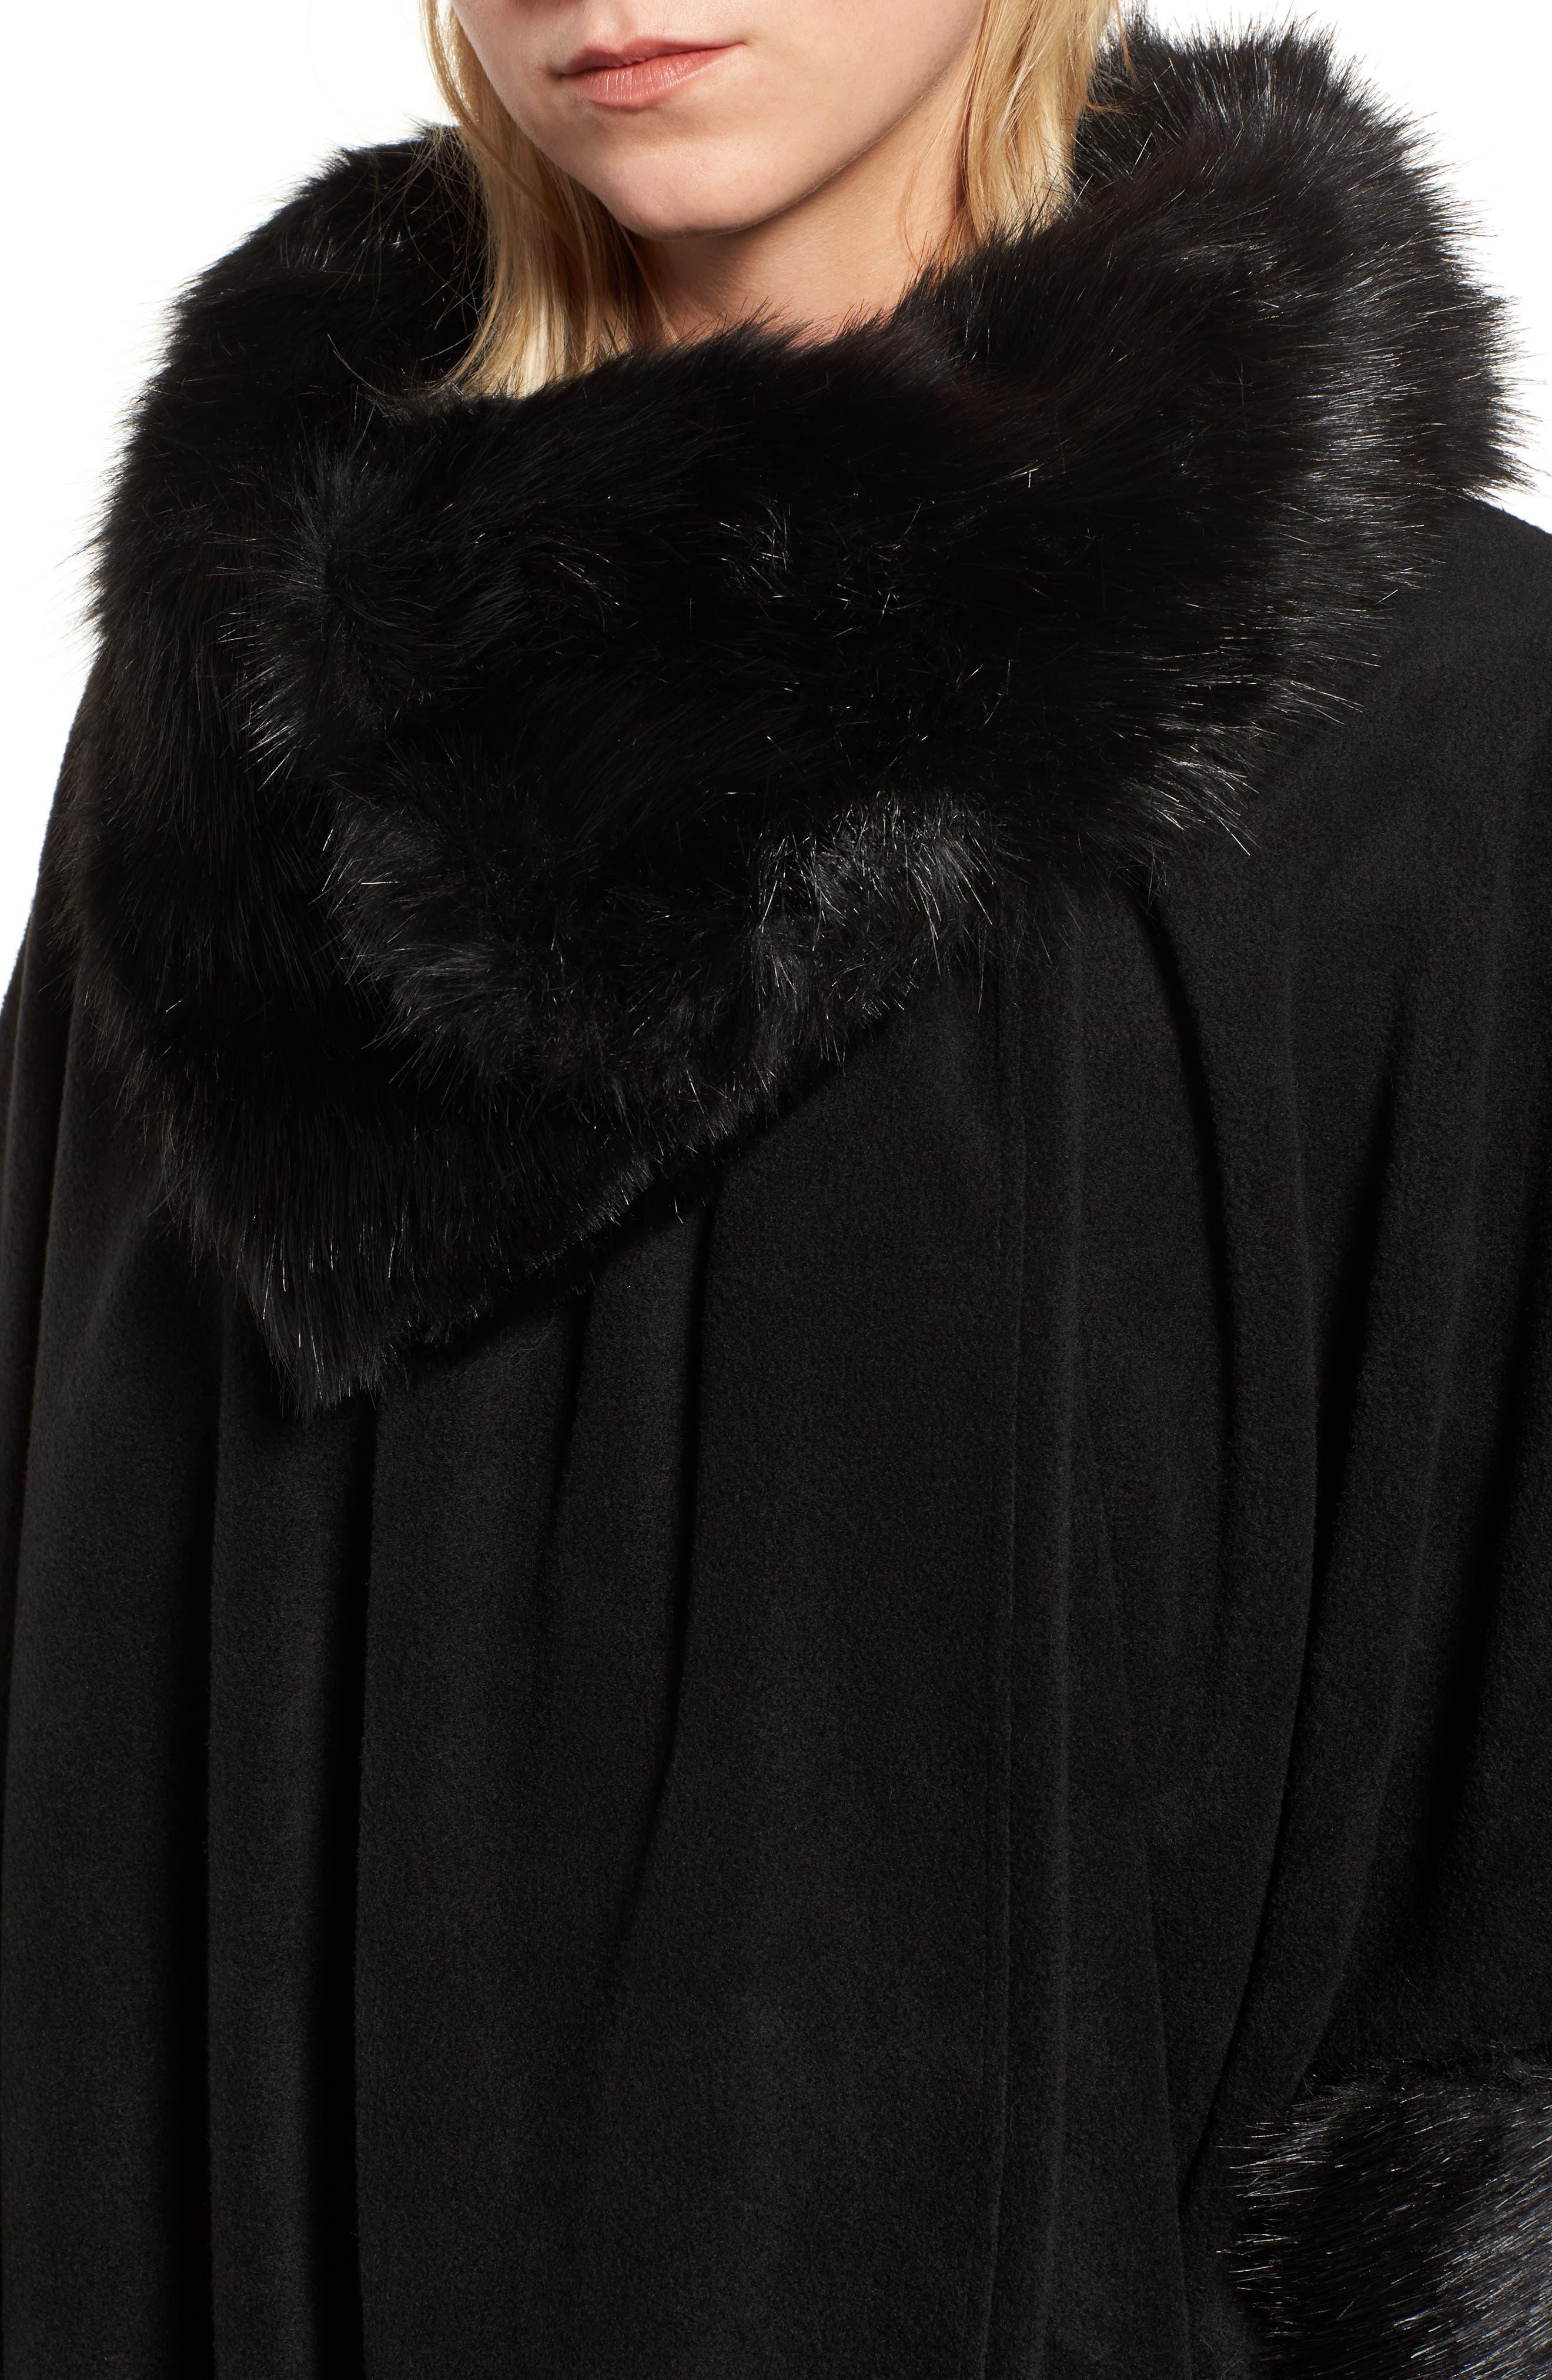 Chelsea Cape with Faux Fur Trim,                             Alternate thumbnail 4, color,                             Black/ Black Mink